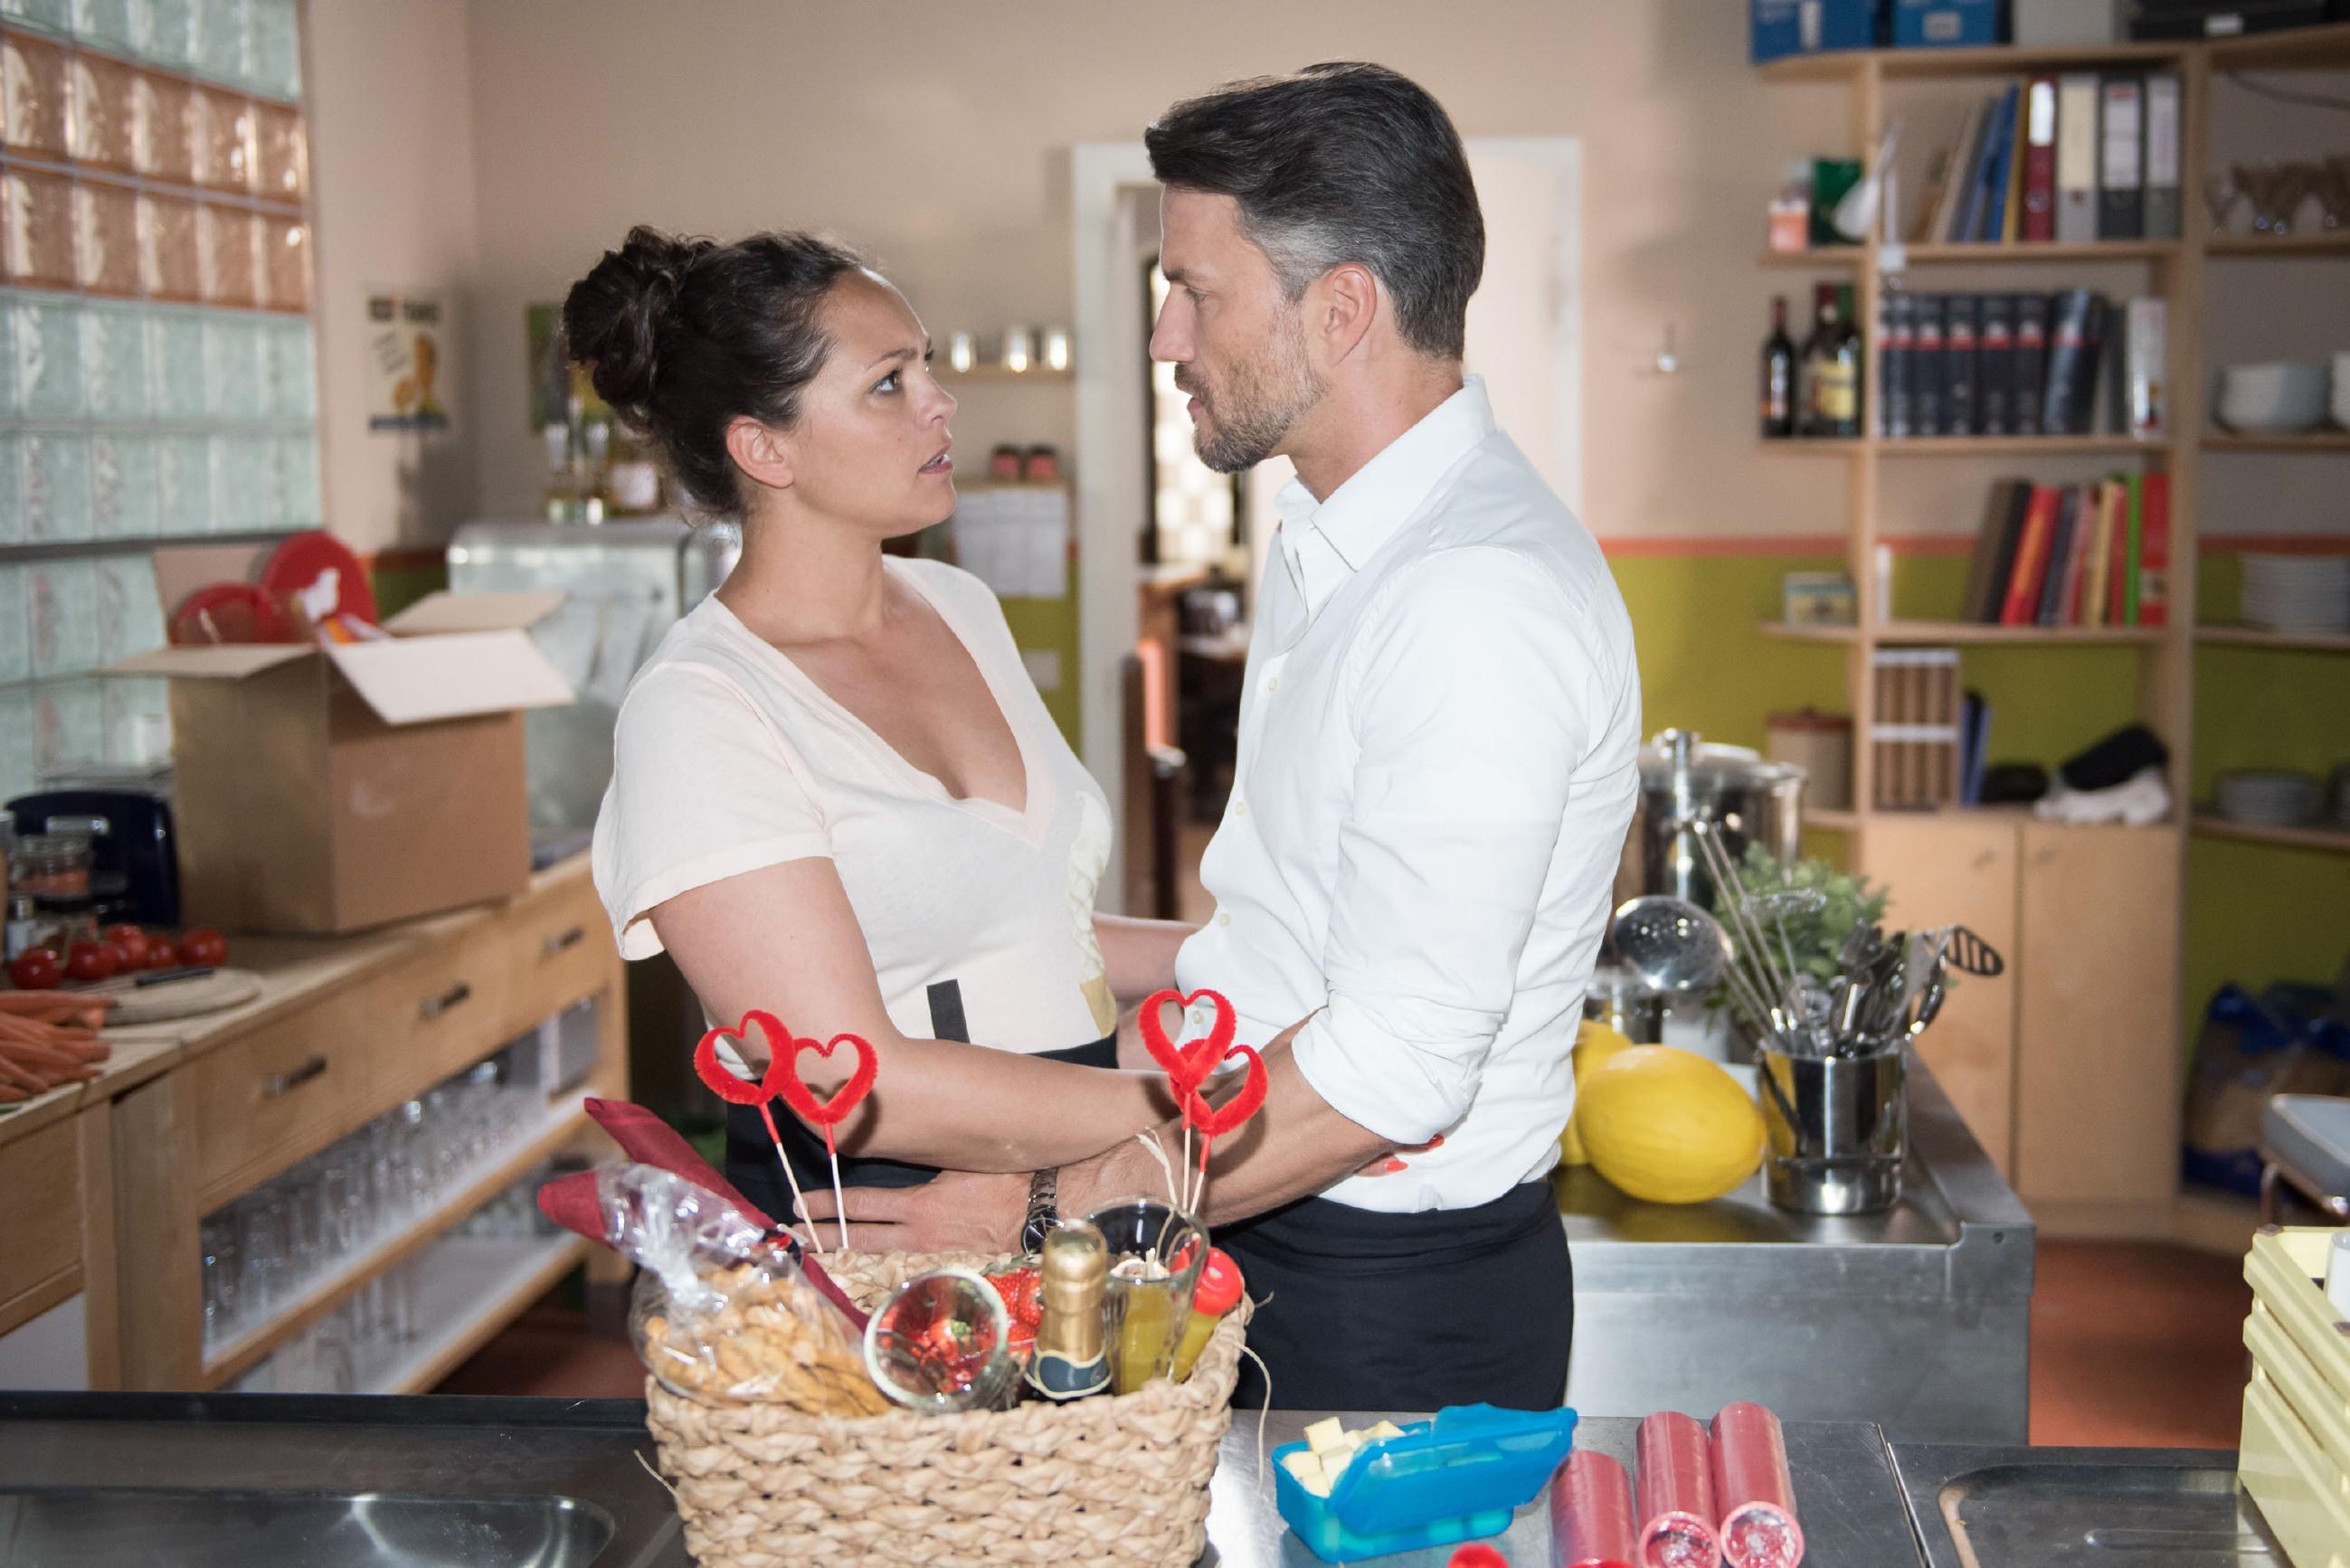 Malte (Stefan Bockelmann) ruiniert unbedacht Caros (Ines Kurenbach) Versuch, ihre angeschlagene Beziehung wieder in Schwung zu bringen. (Quelle: RTL / Stefan Behrens)